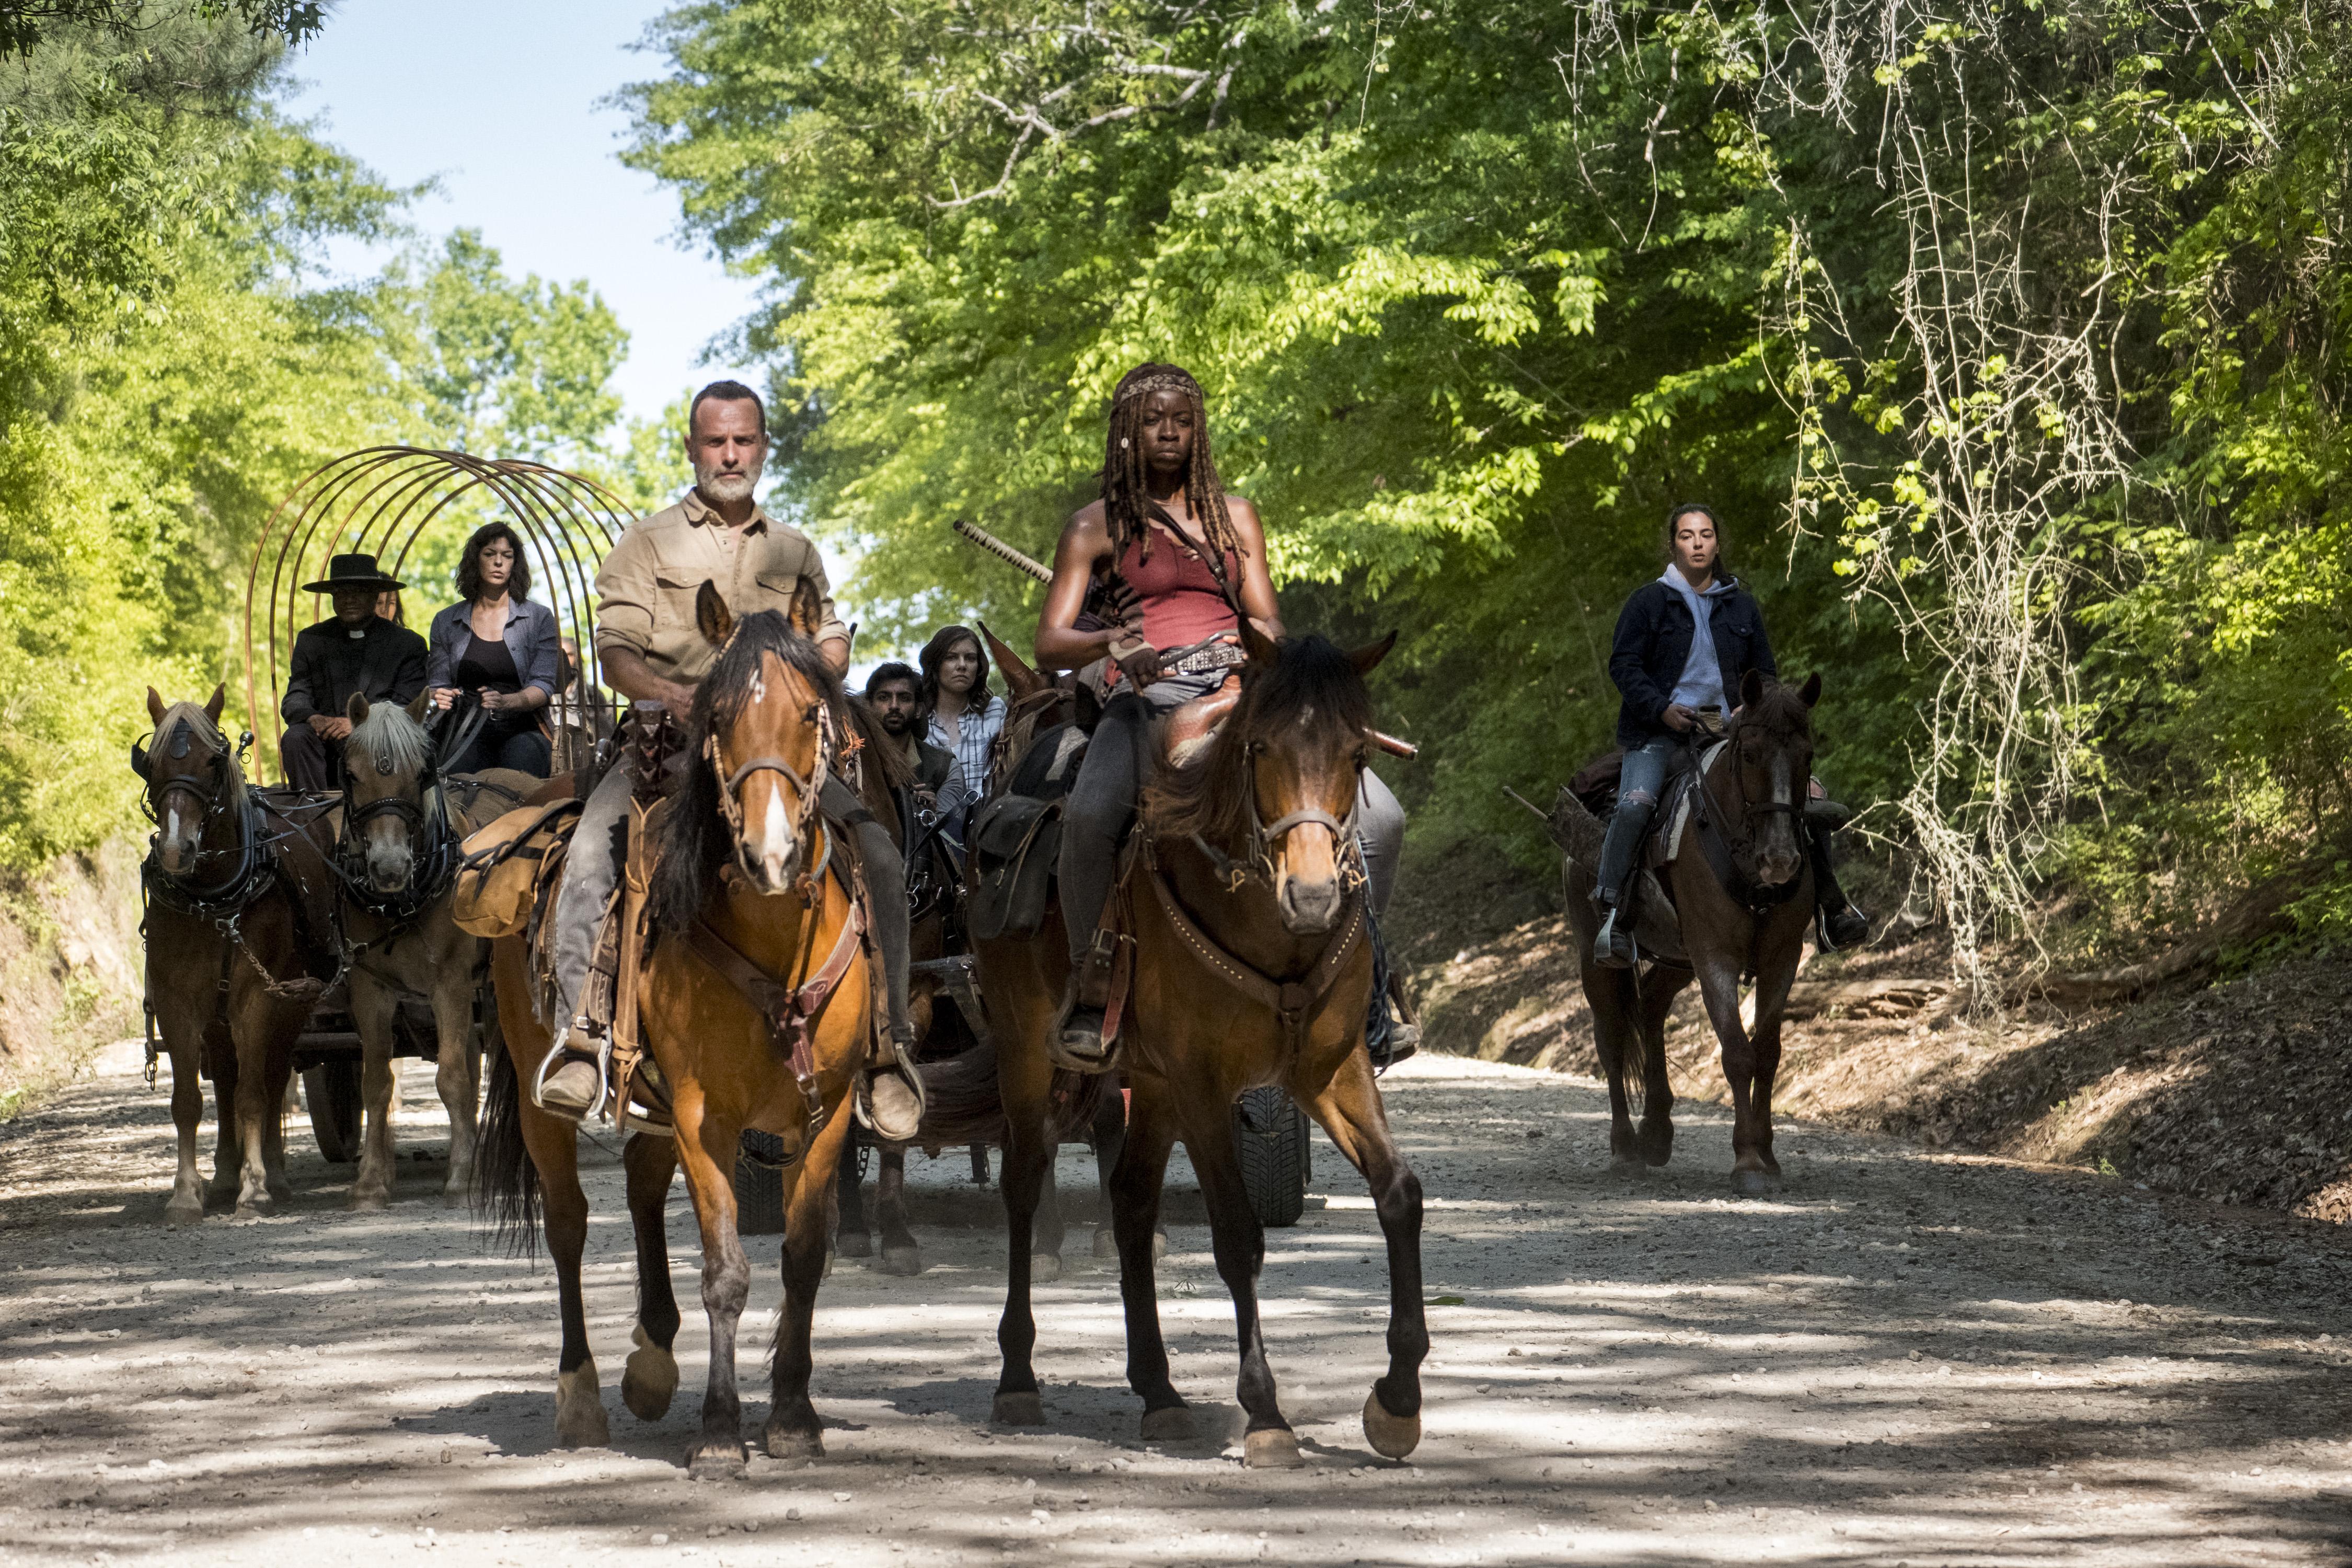 Seth Gilliam, Pollyanna McIntosh, Andrew Lincoln, Danai Gurira and Alanna Masterson in The Walking Dead